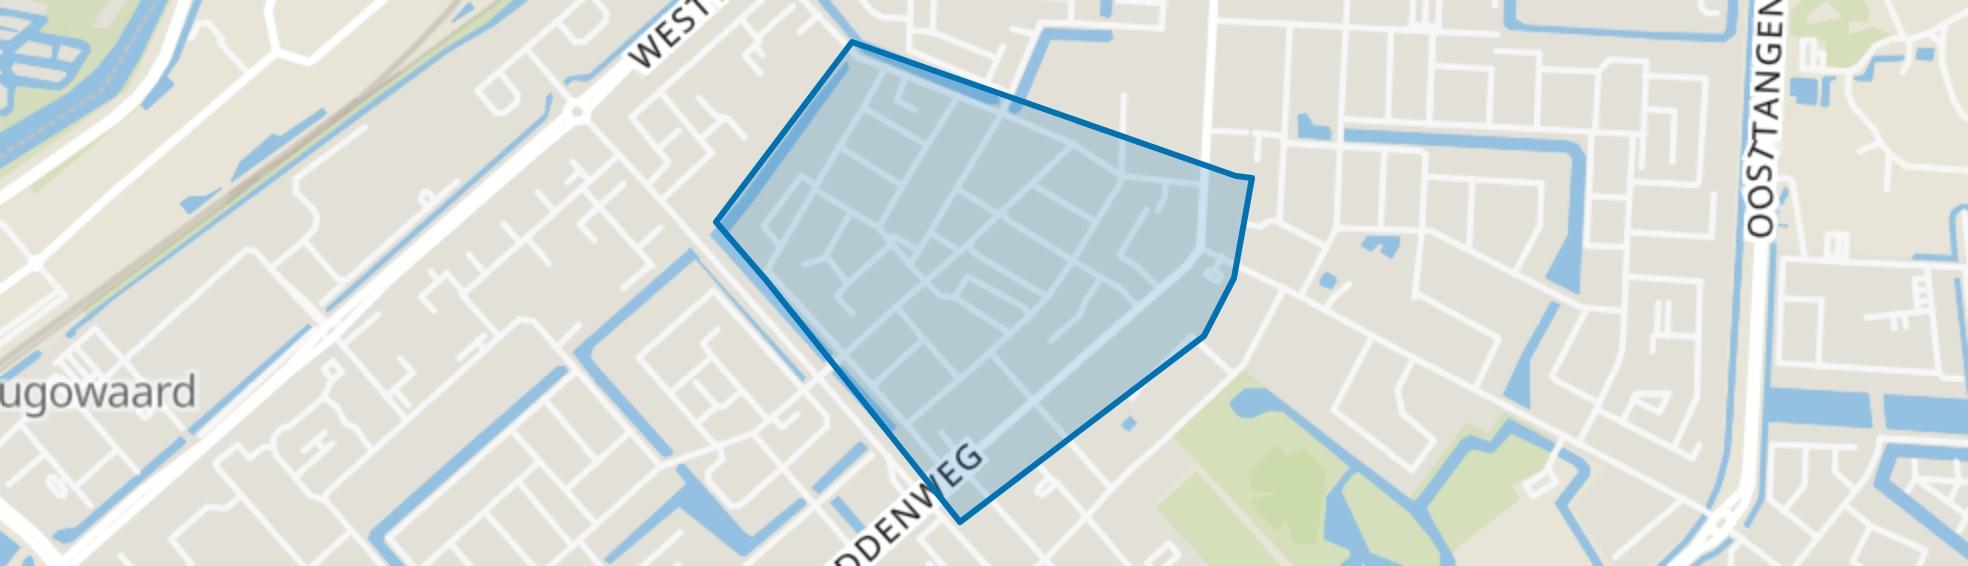 Centrumwaard, Heerhugowaard map